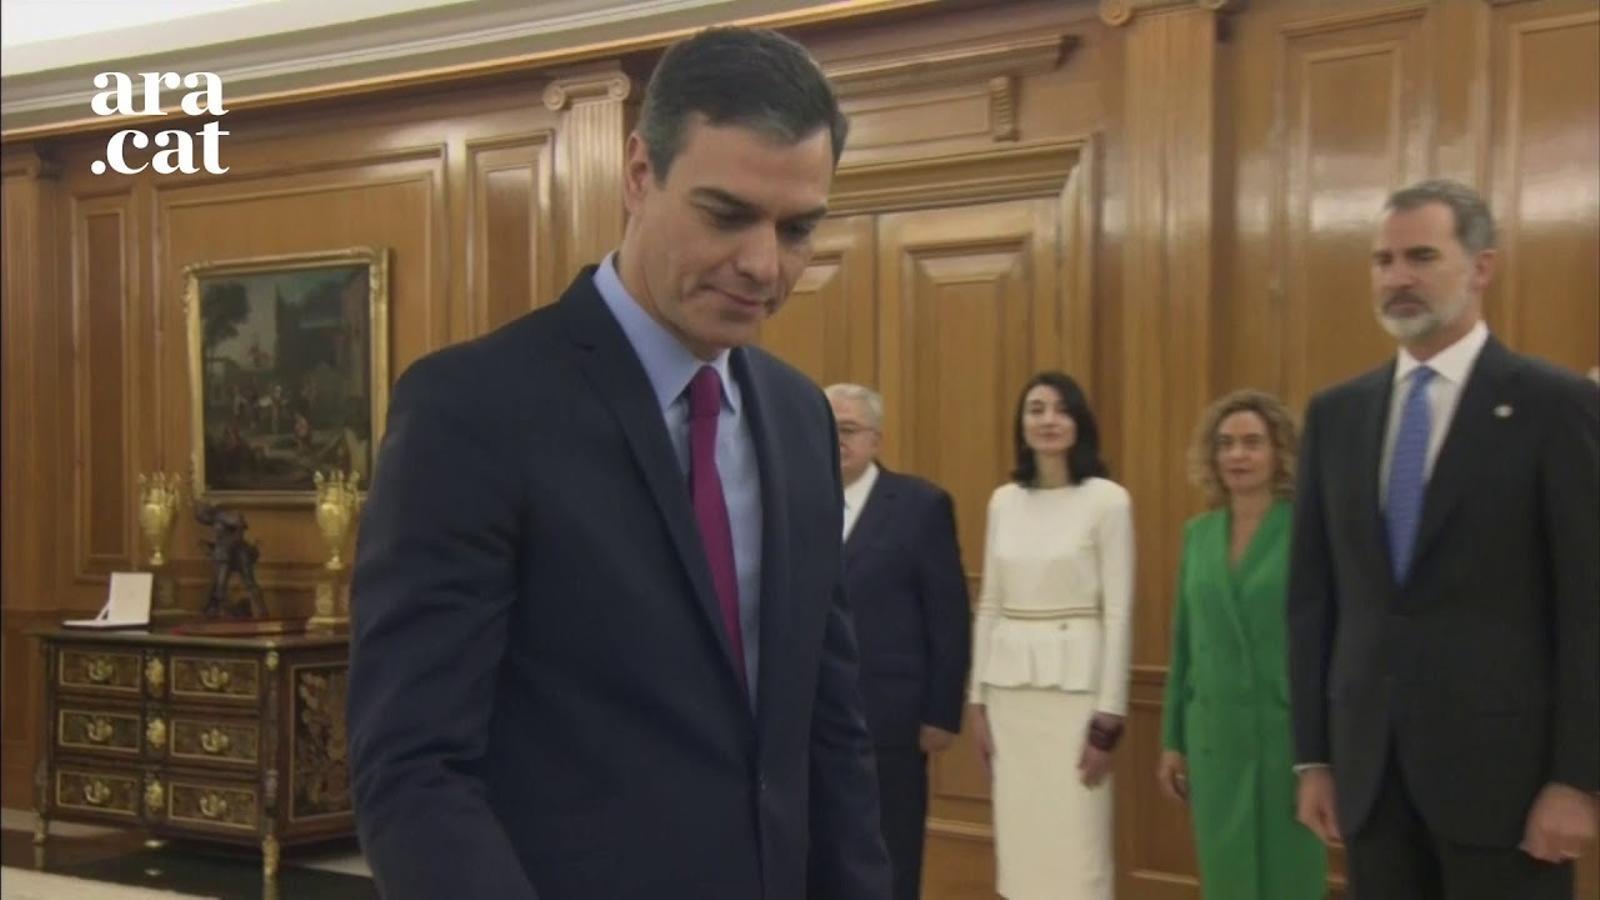 Sánchez promet el càrrec de president davant de Felip VI